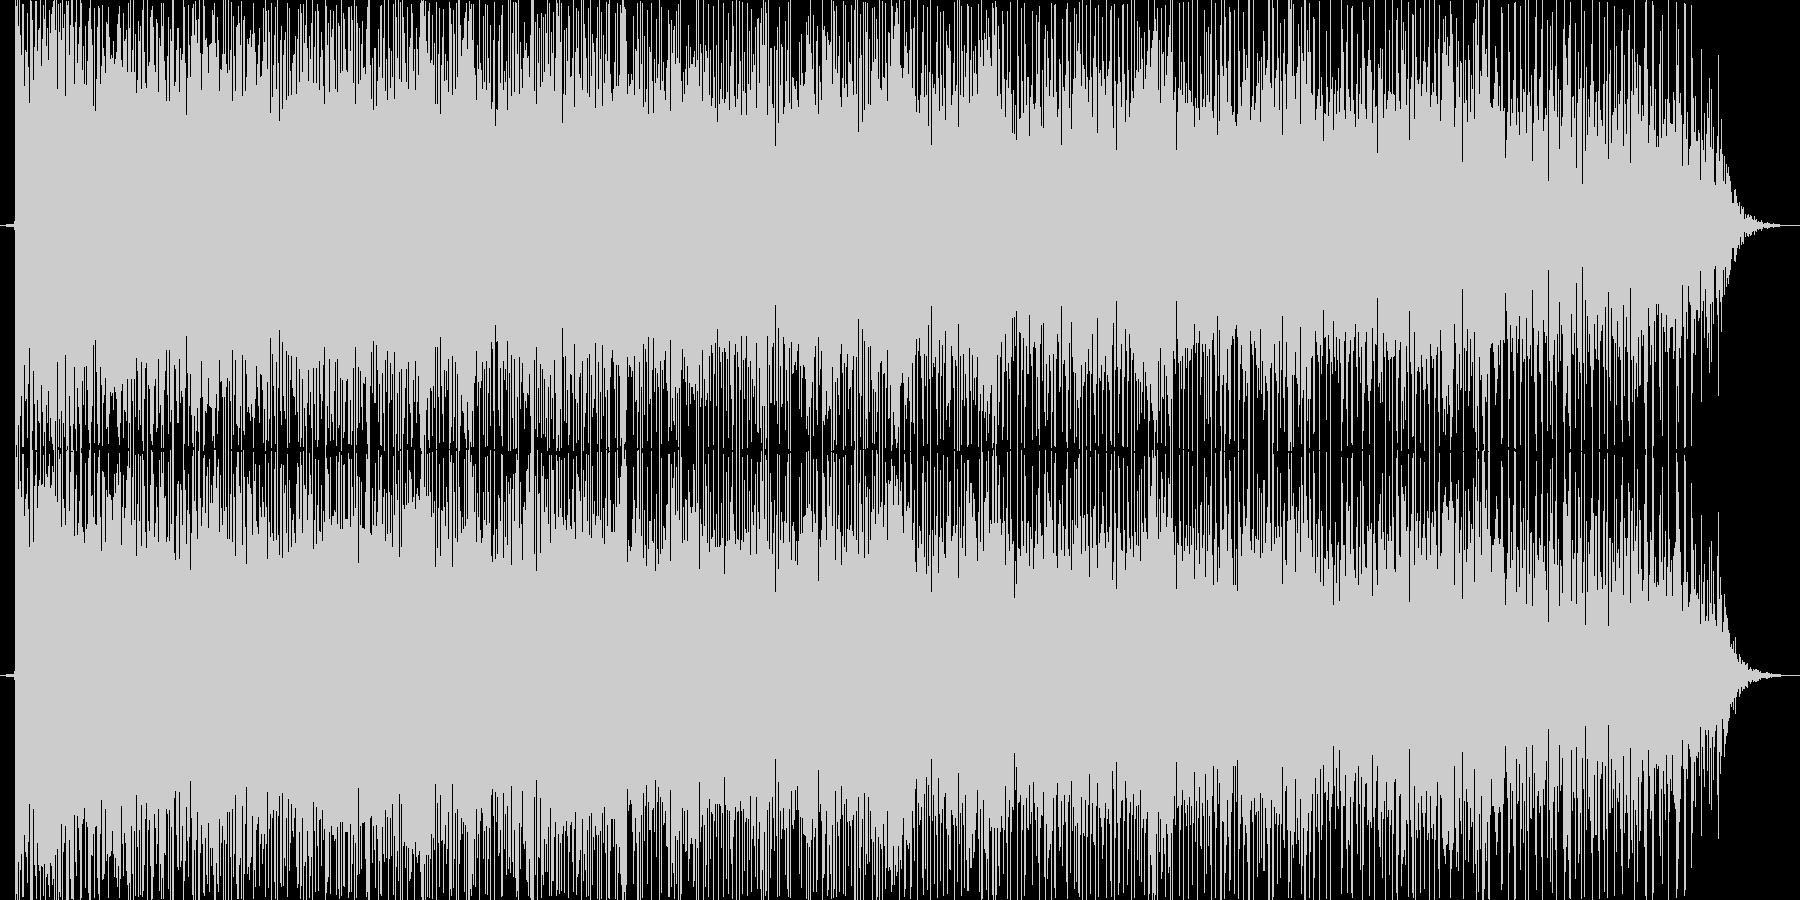 派手なレトロなぴゅーん 下降 コミカルの未再生の波形